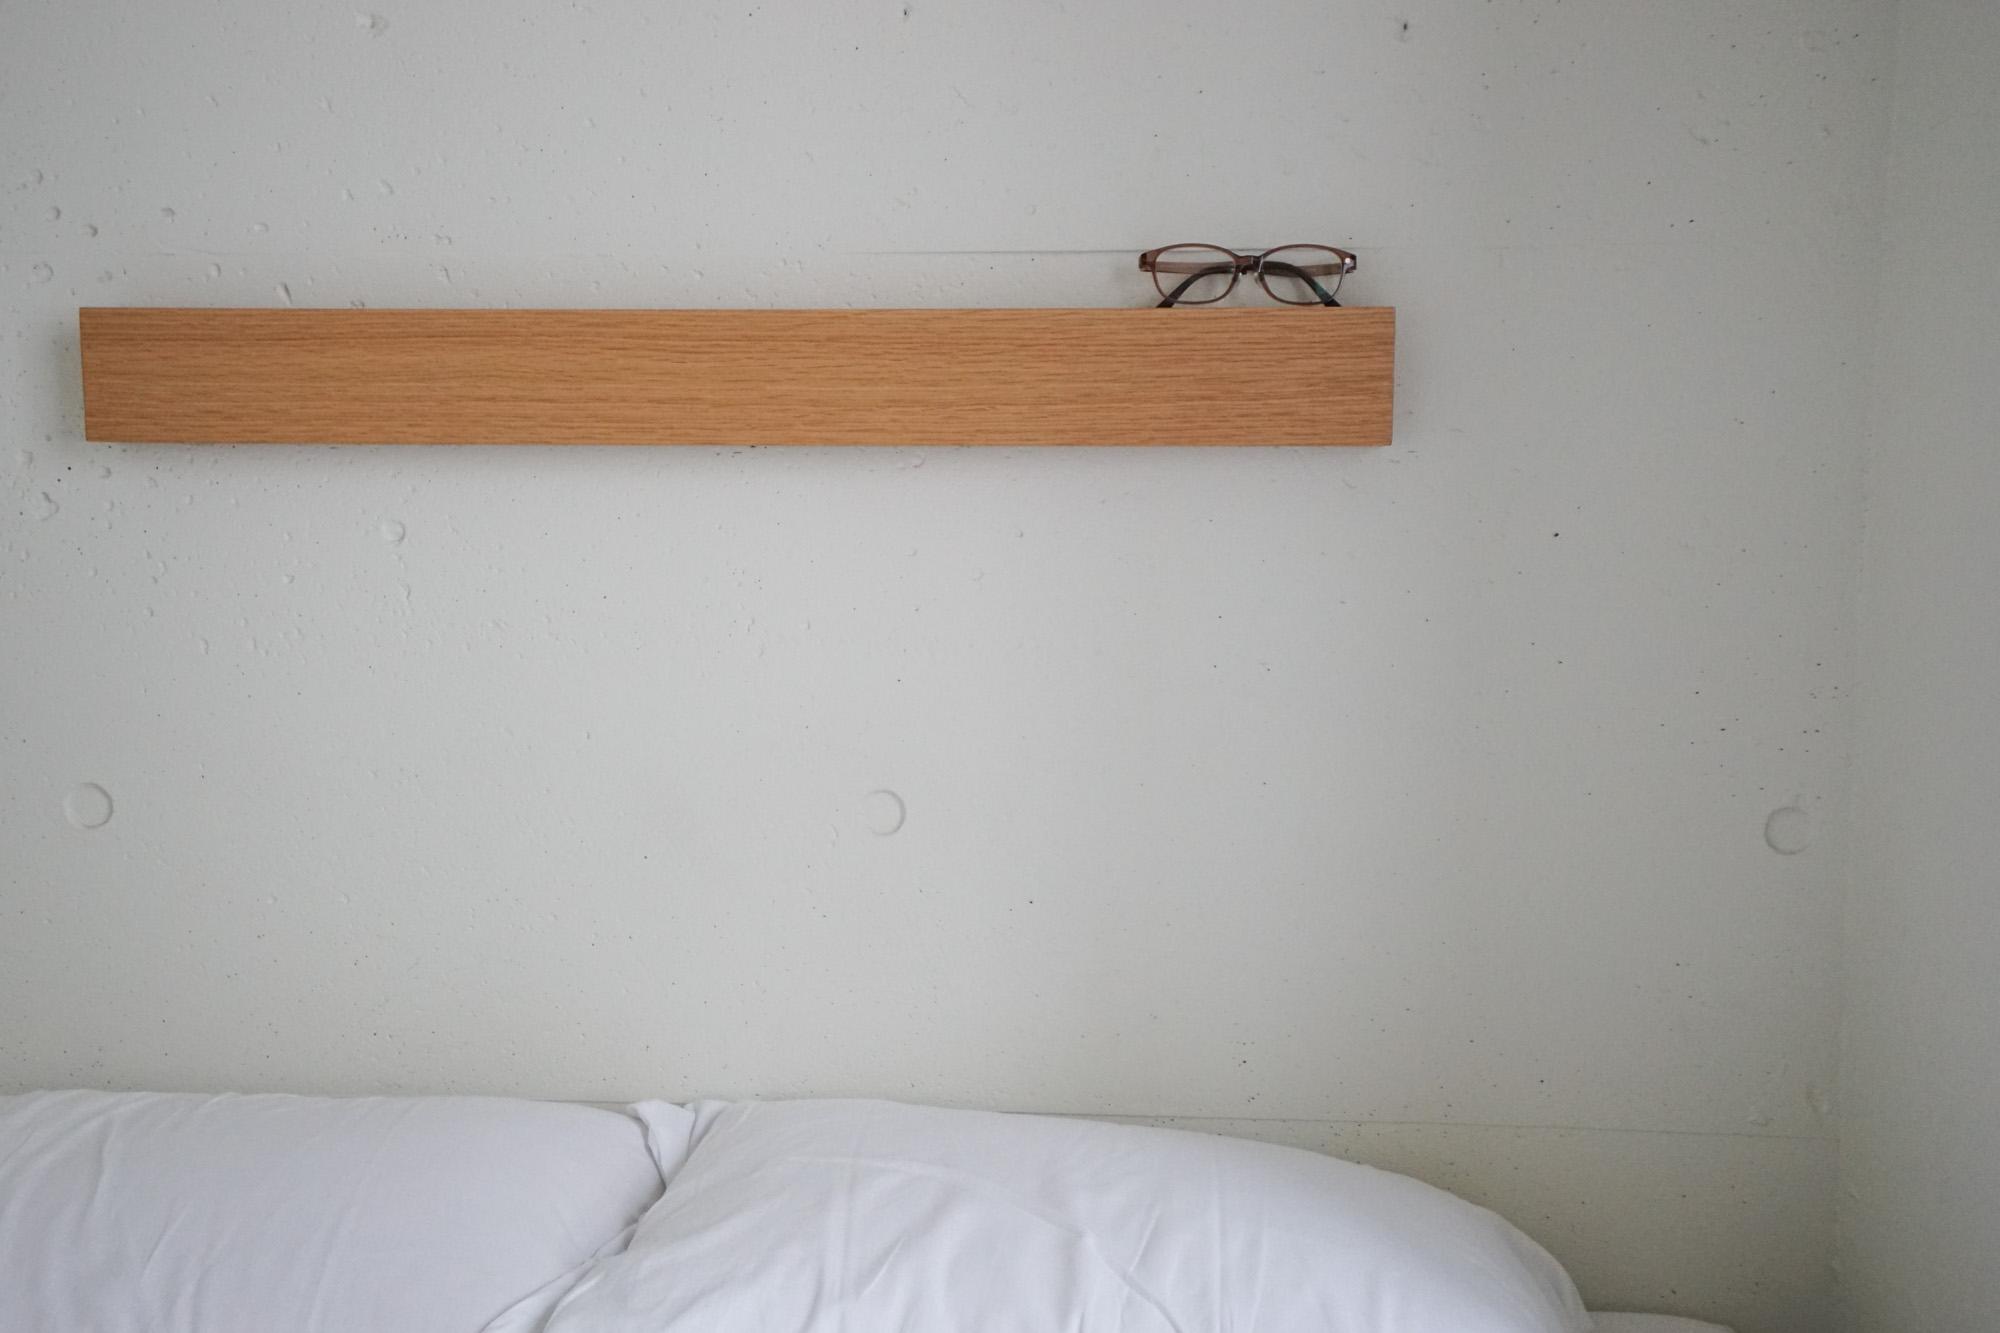 ベッドの上に、無印良品の「長押」がつけられていました。とりあえず、メガネを置いてみましたが、ポストカードを飾ったりして自分らしくアレンジできそう。